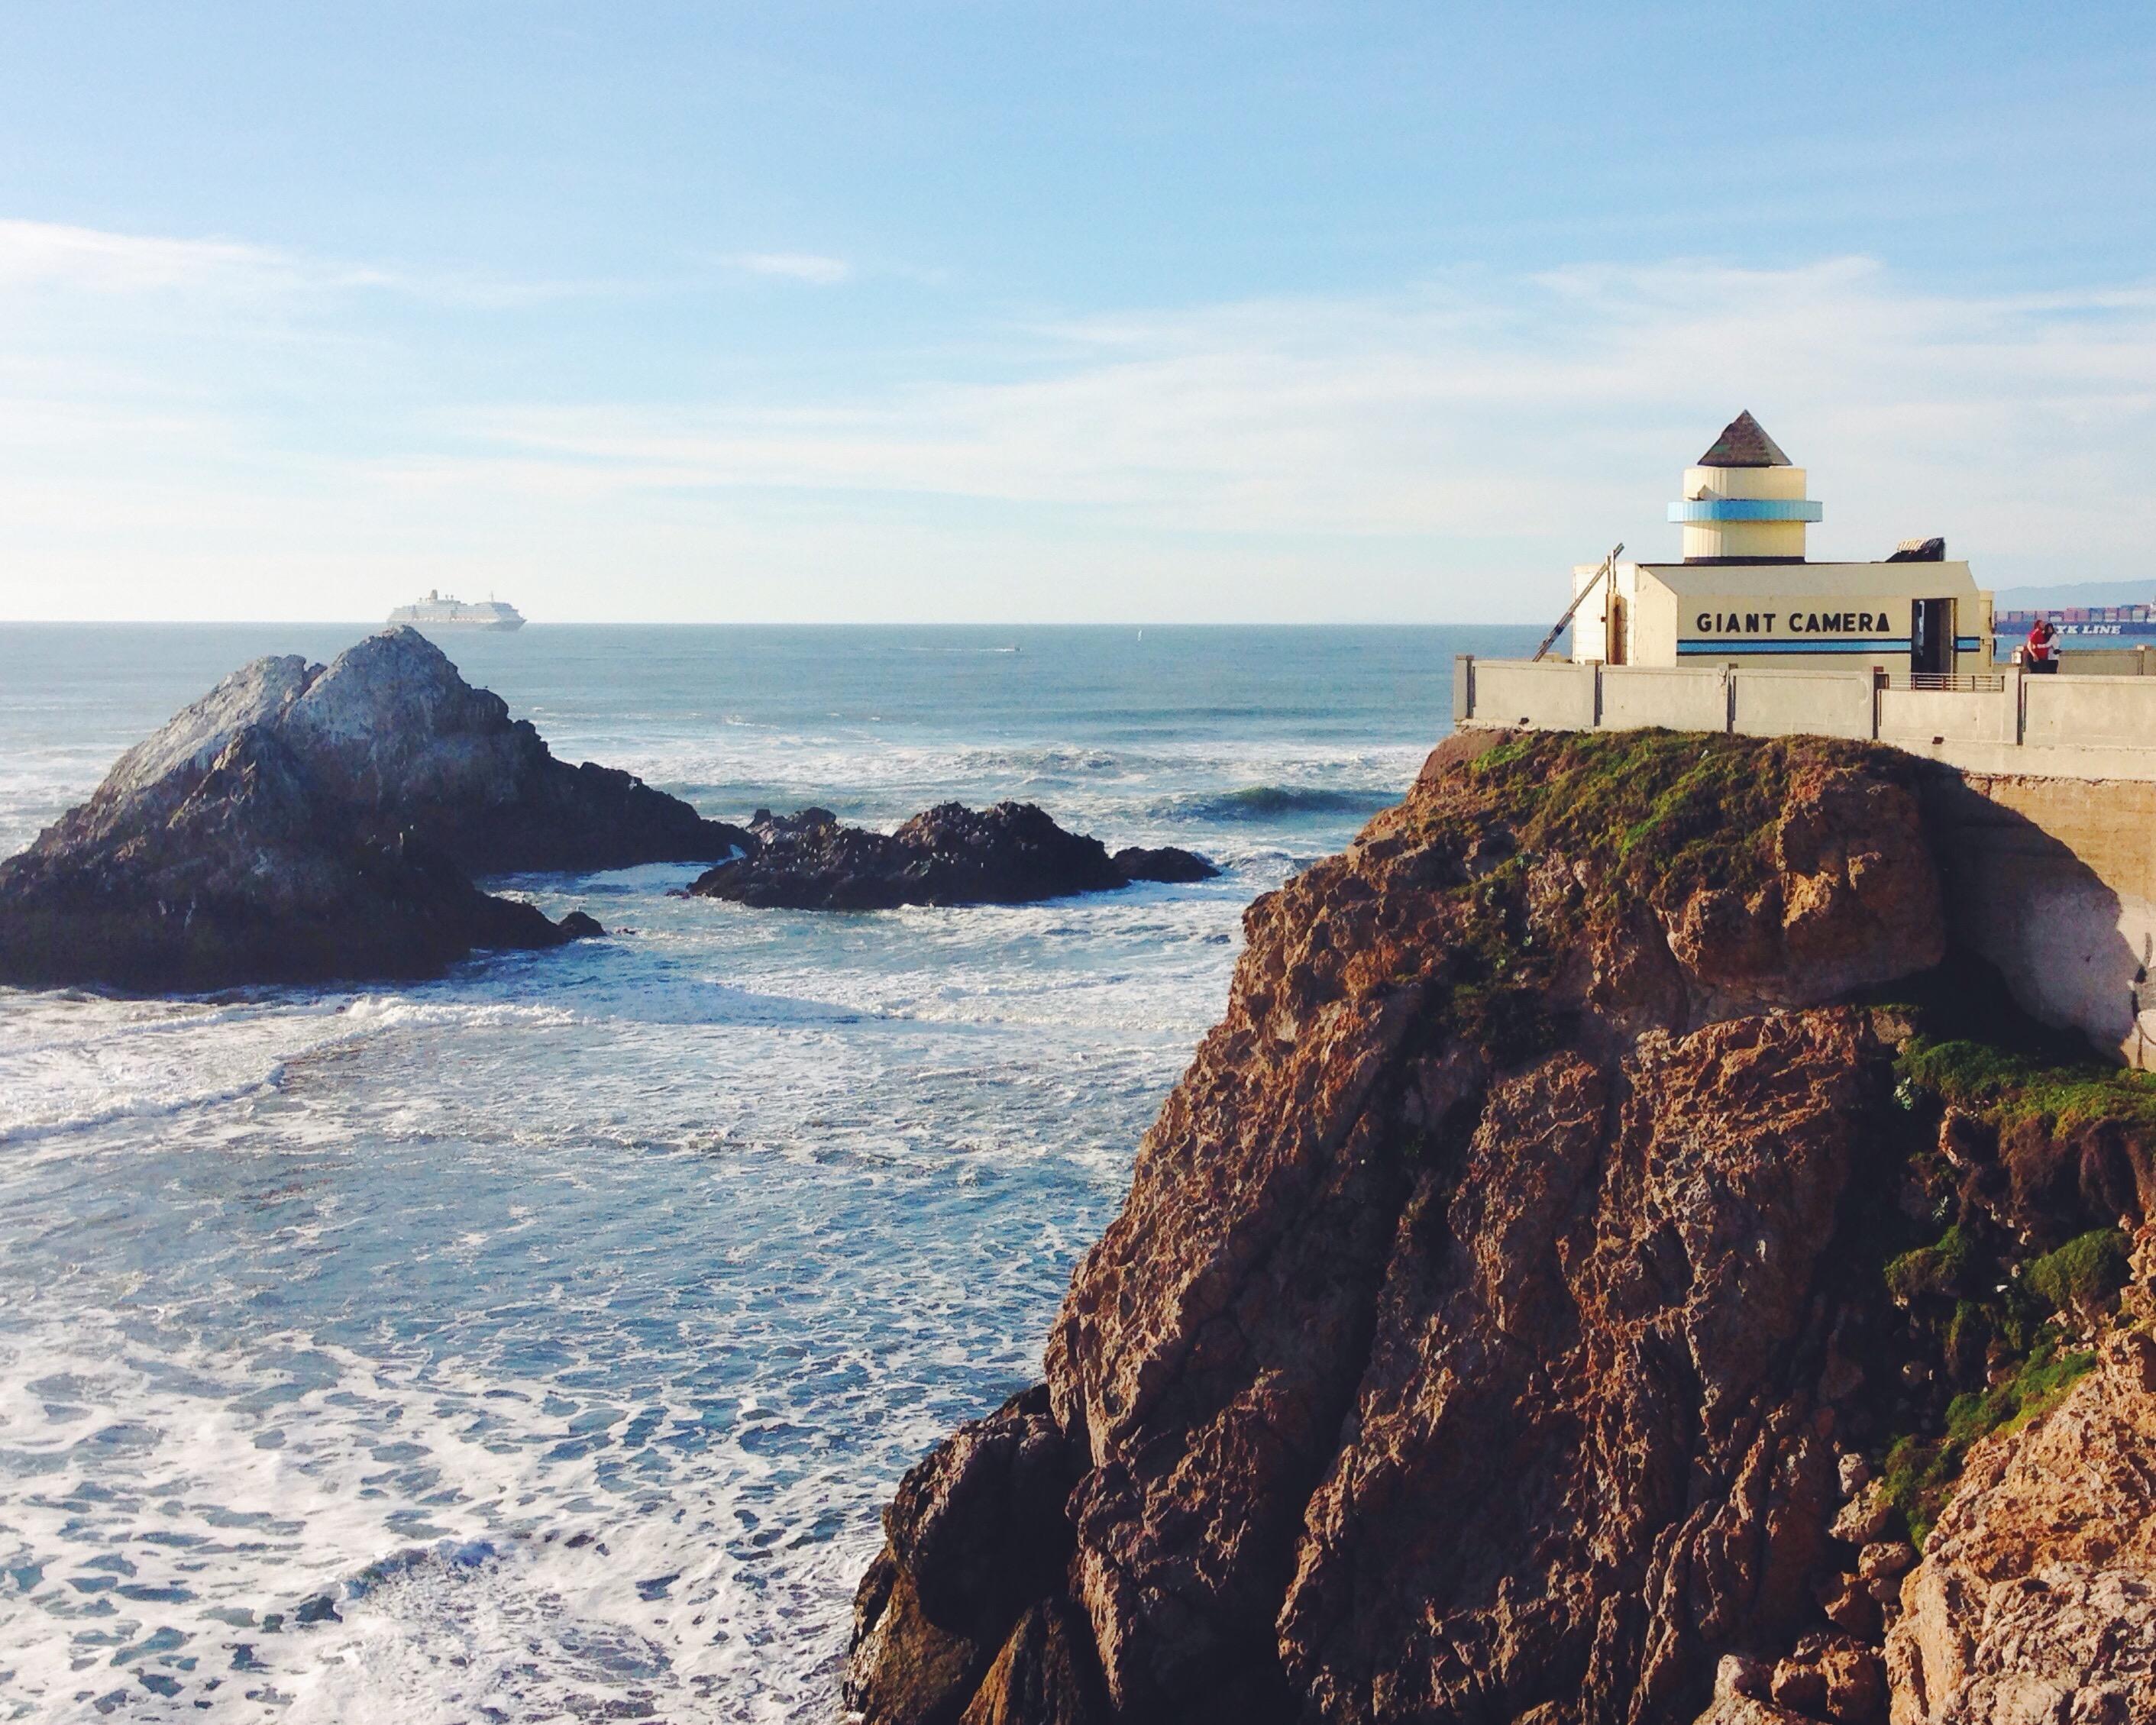 Camera oscura di San Francisco a forma di macchina fotografica a Ocean Beach